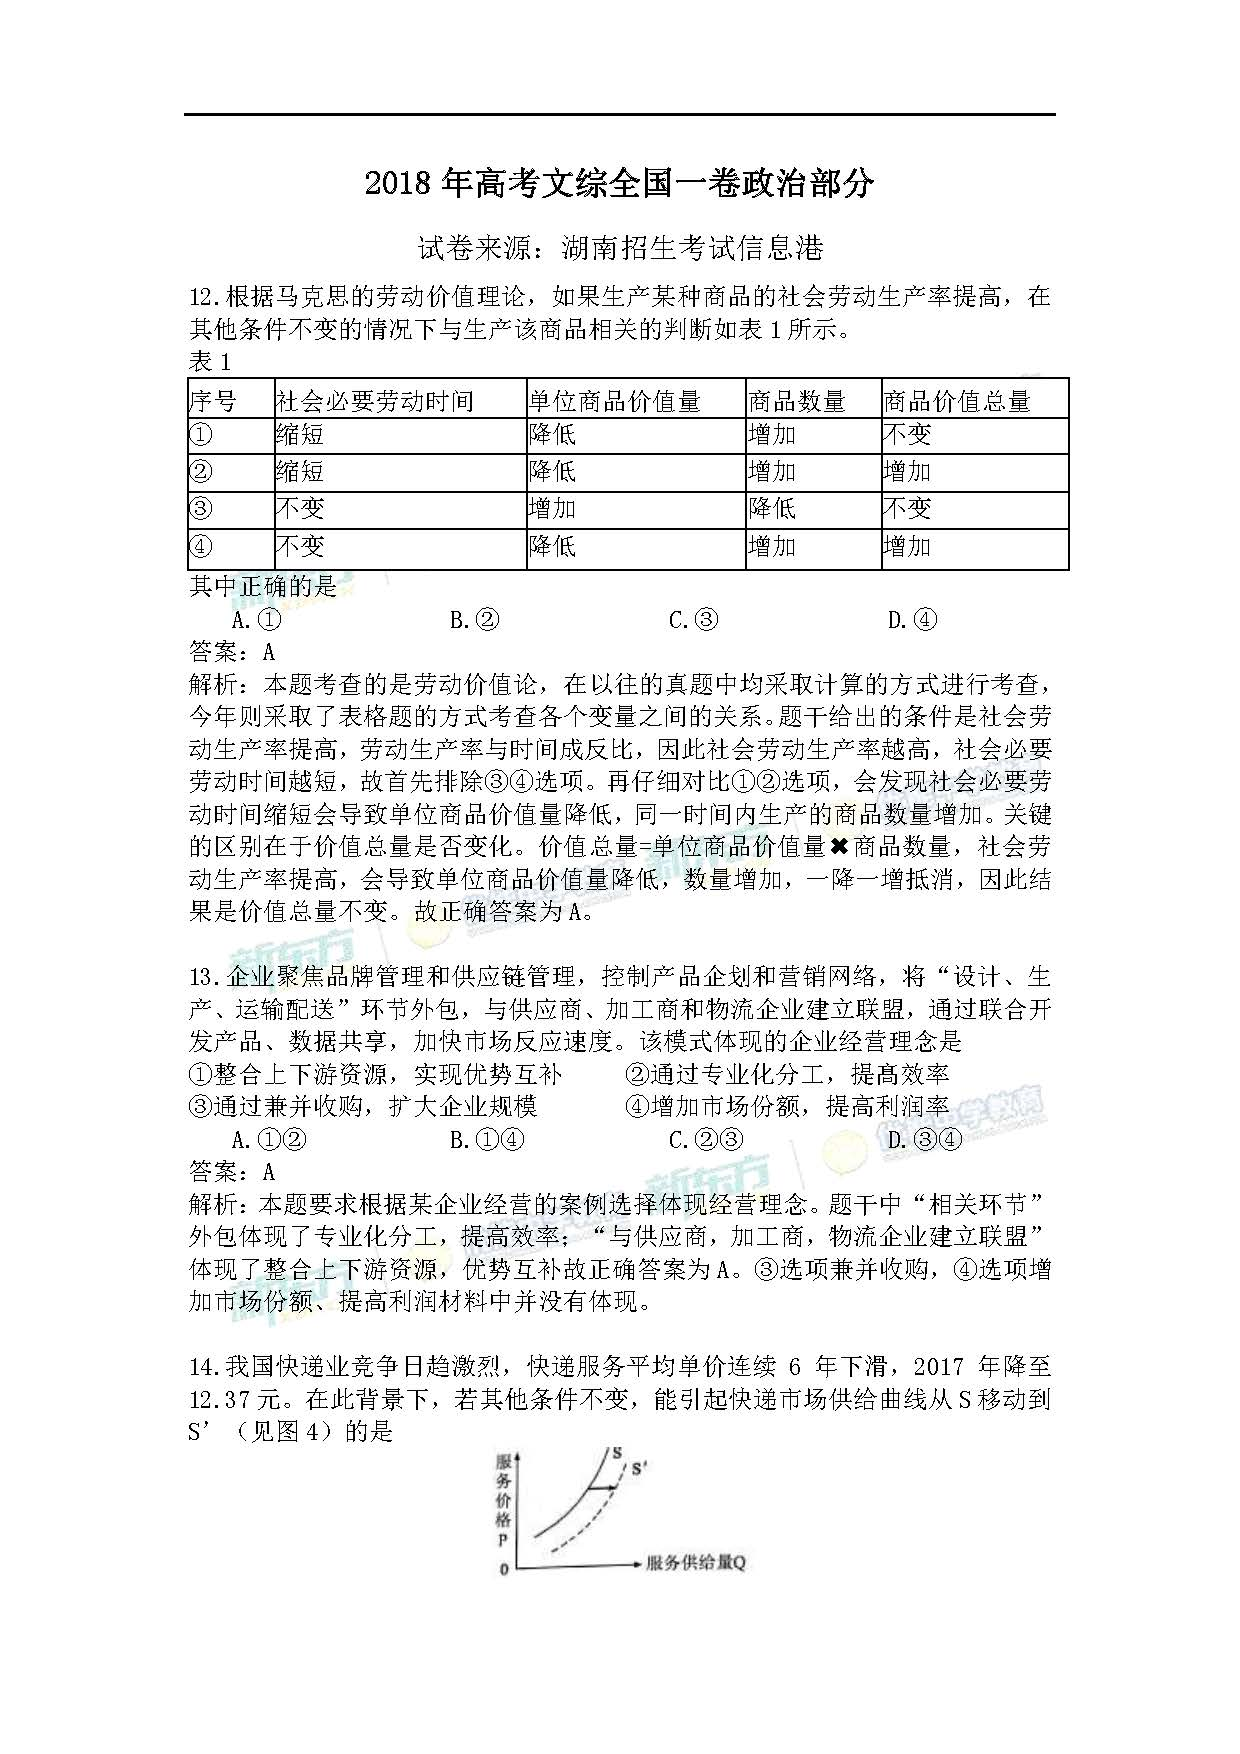 2018全国卷1高考政治答案解析(长沙新东方)